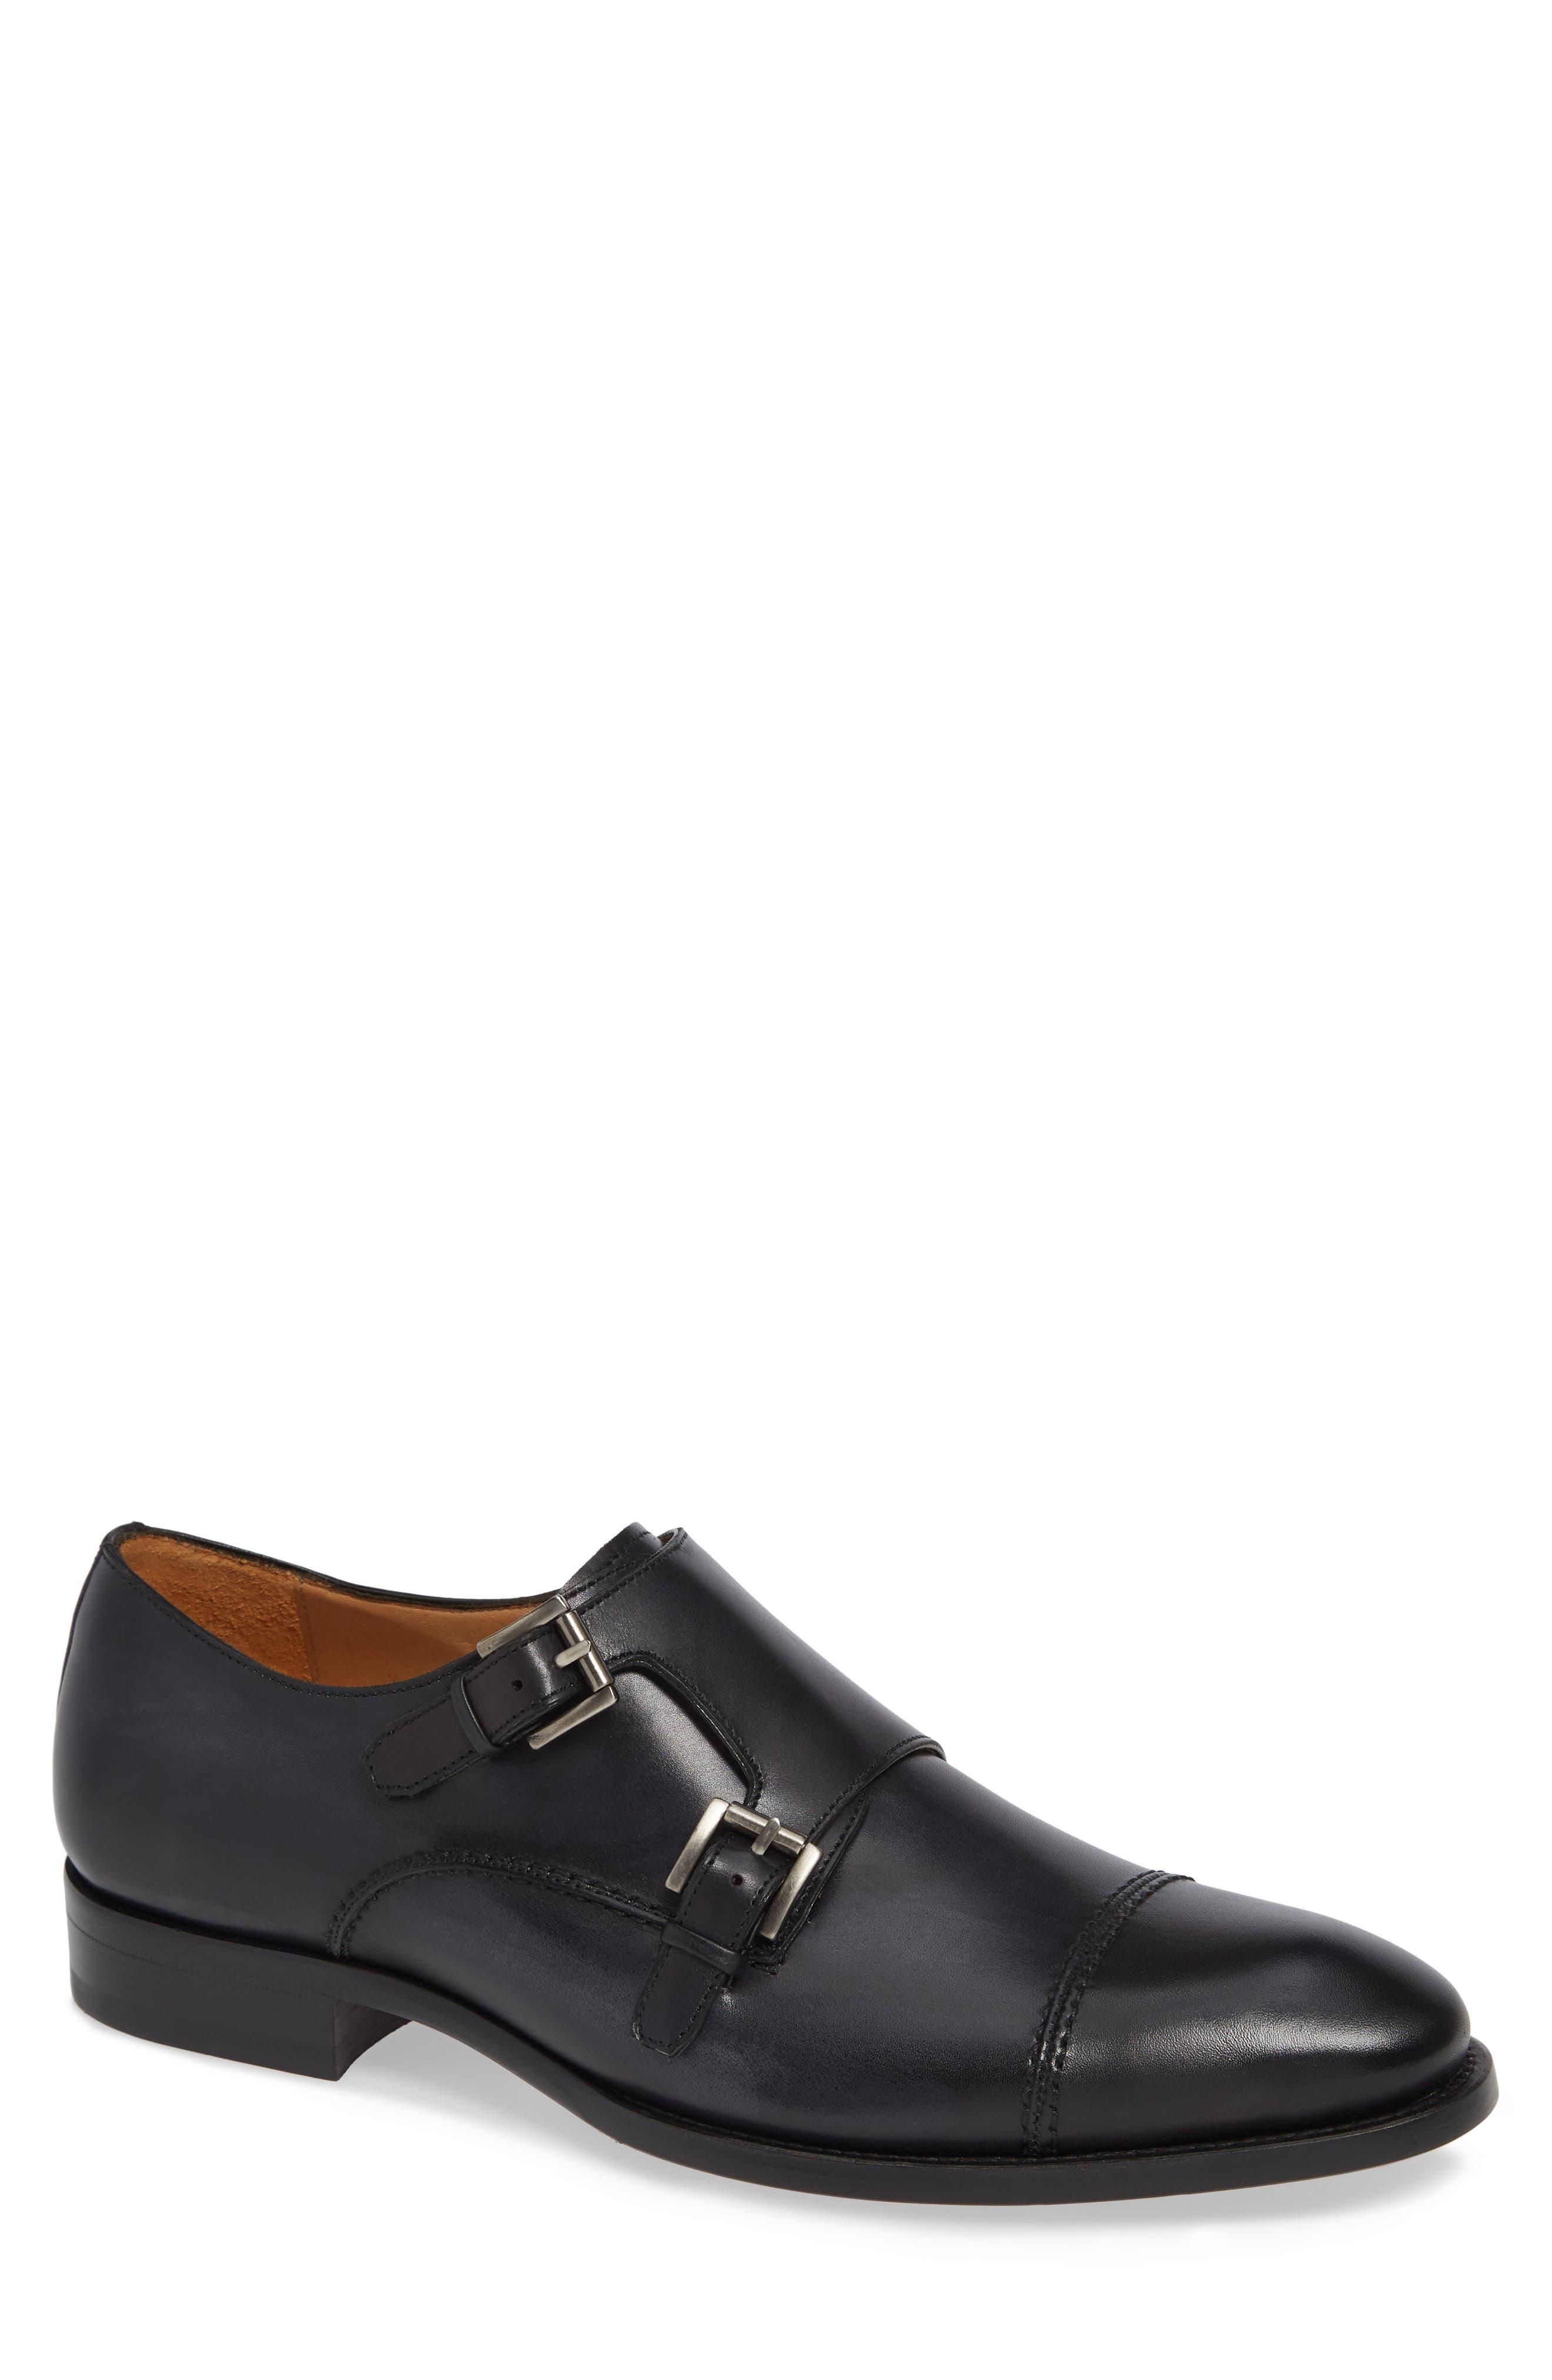 Acosta Double Strap Cap Toe Monk Shoe,                             Main thumbnail 1, color,                             BLACK LEATHER